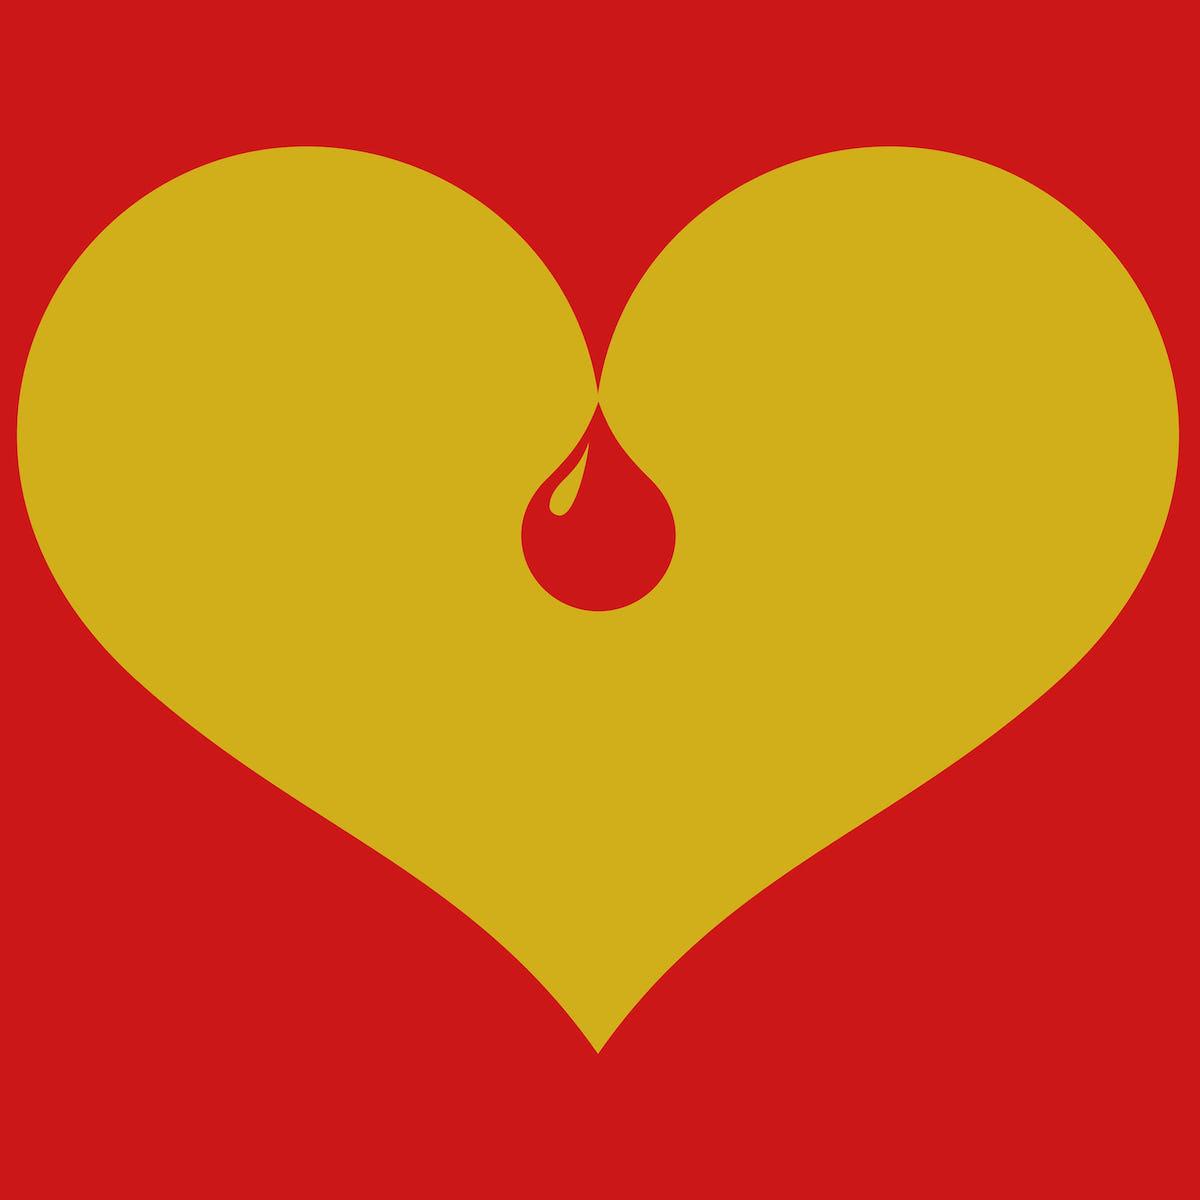 Bleeding heart graphic tee by pierre vermeir cotton bureau bleeding heart graphic tee by pierre vermeir cotton bureau buycottarizona